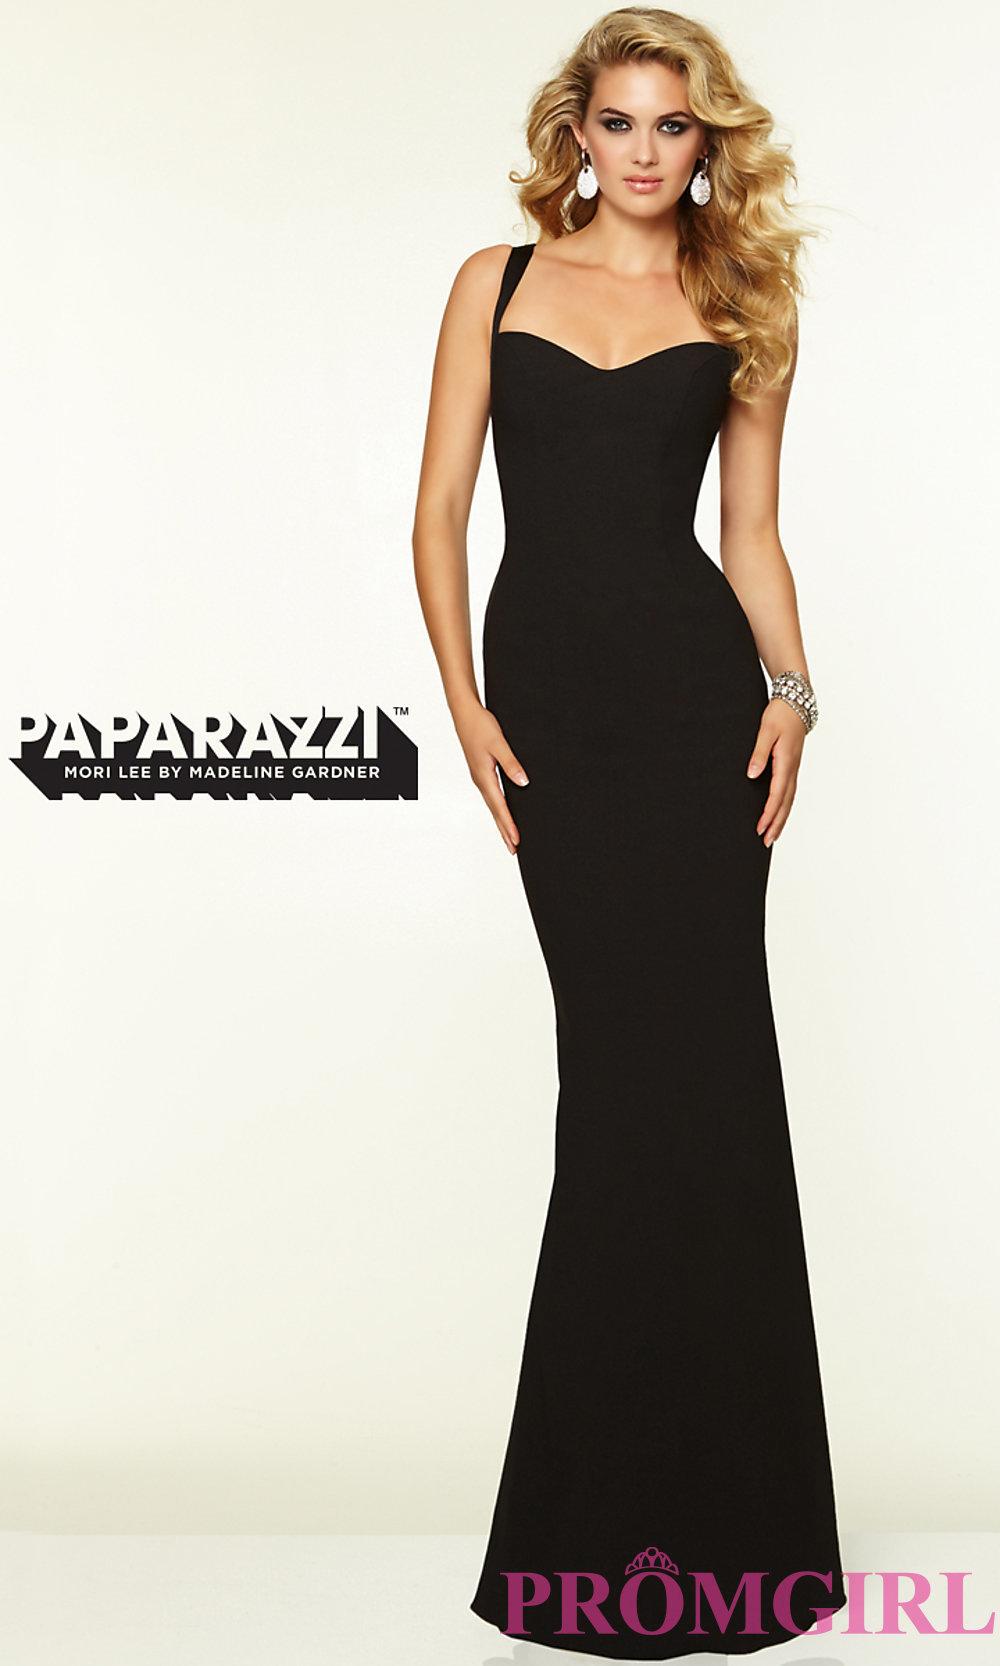 Ziemlich Prom Kleider Windsor Fotos - Hochzeit Kleid Stile Ideen ...